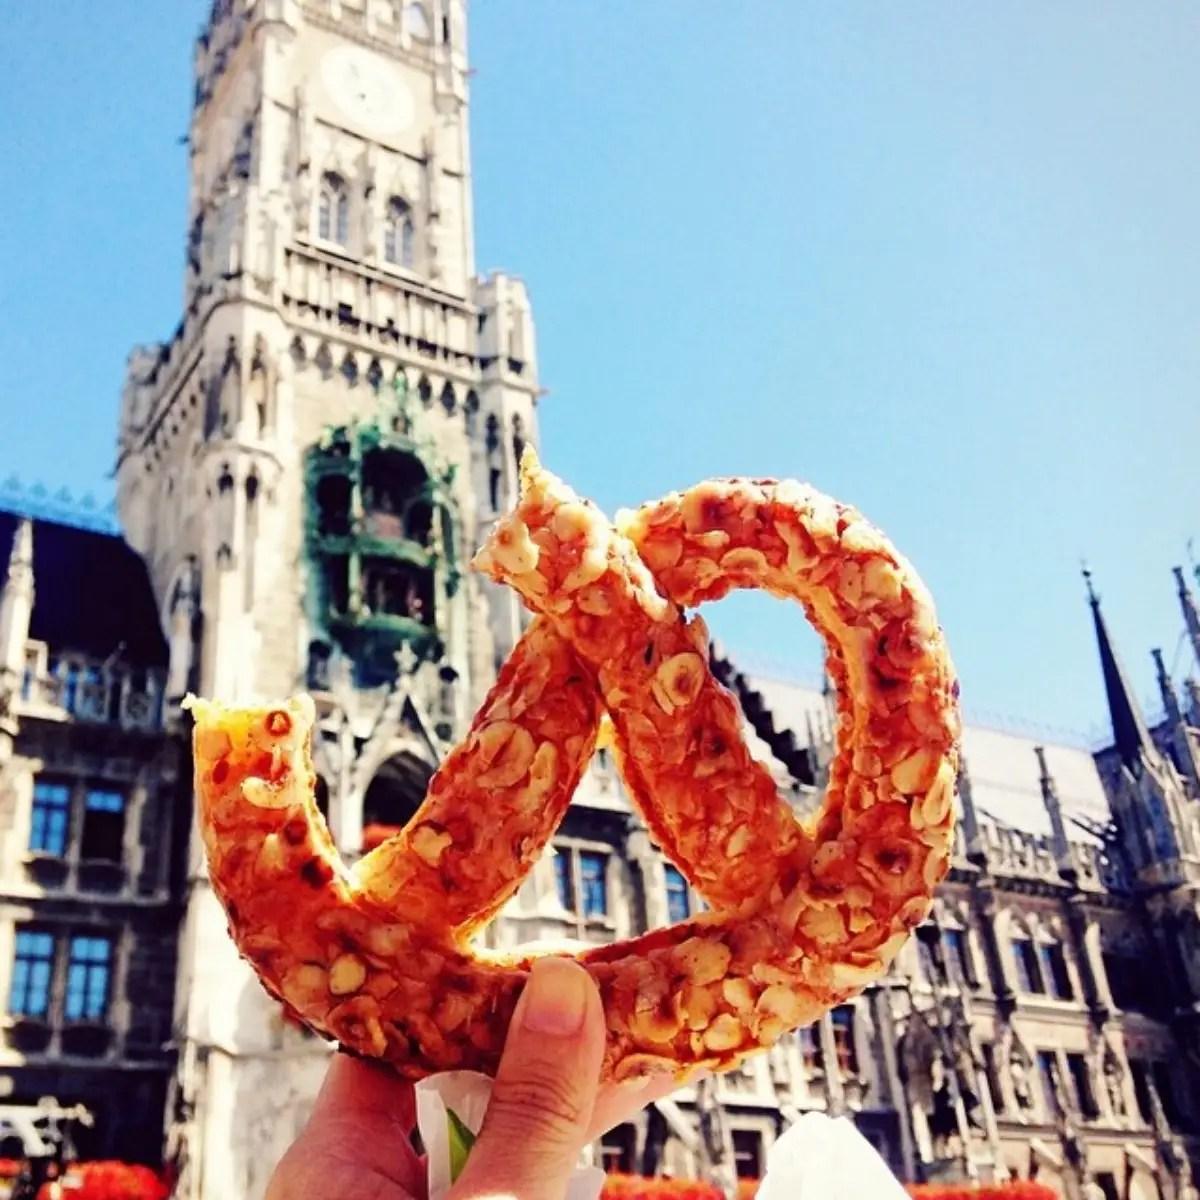 Yummy pretzel in Marienplatz, Munich, Germany.